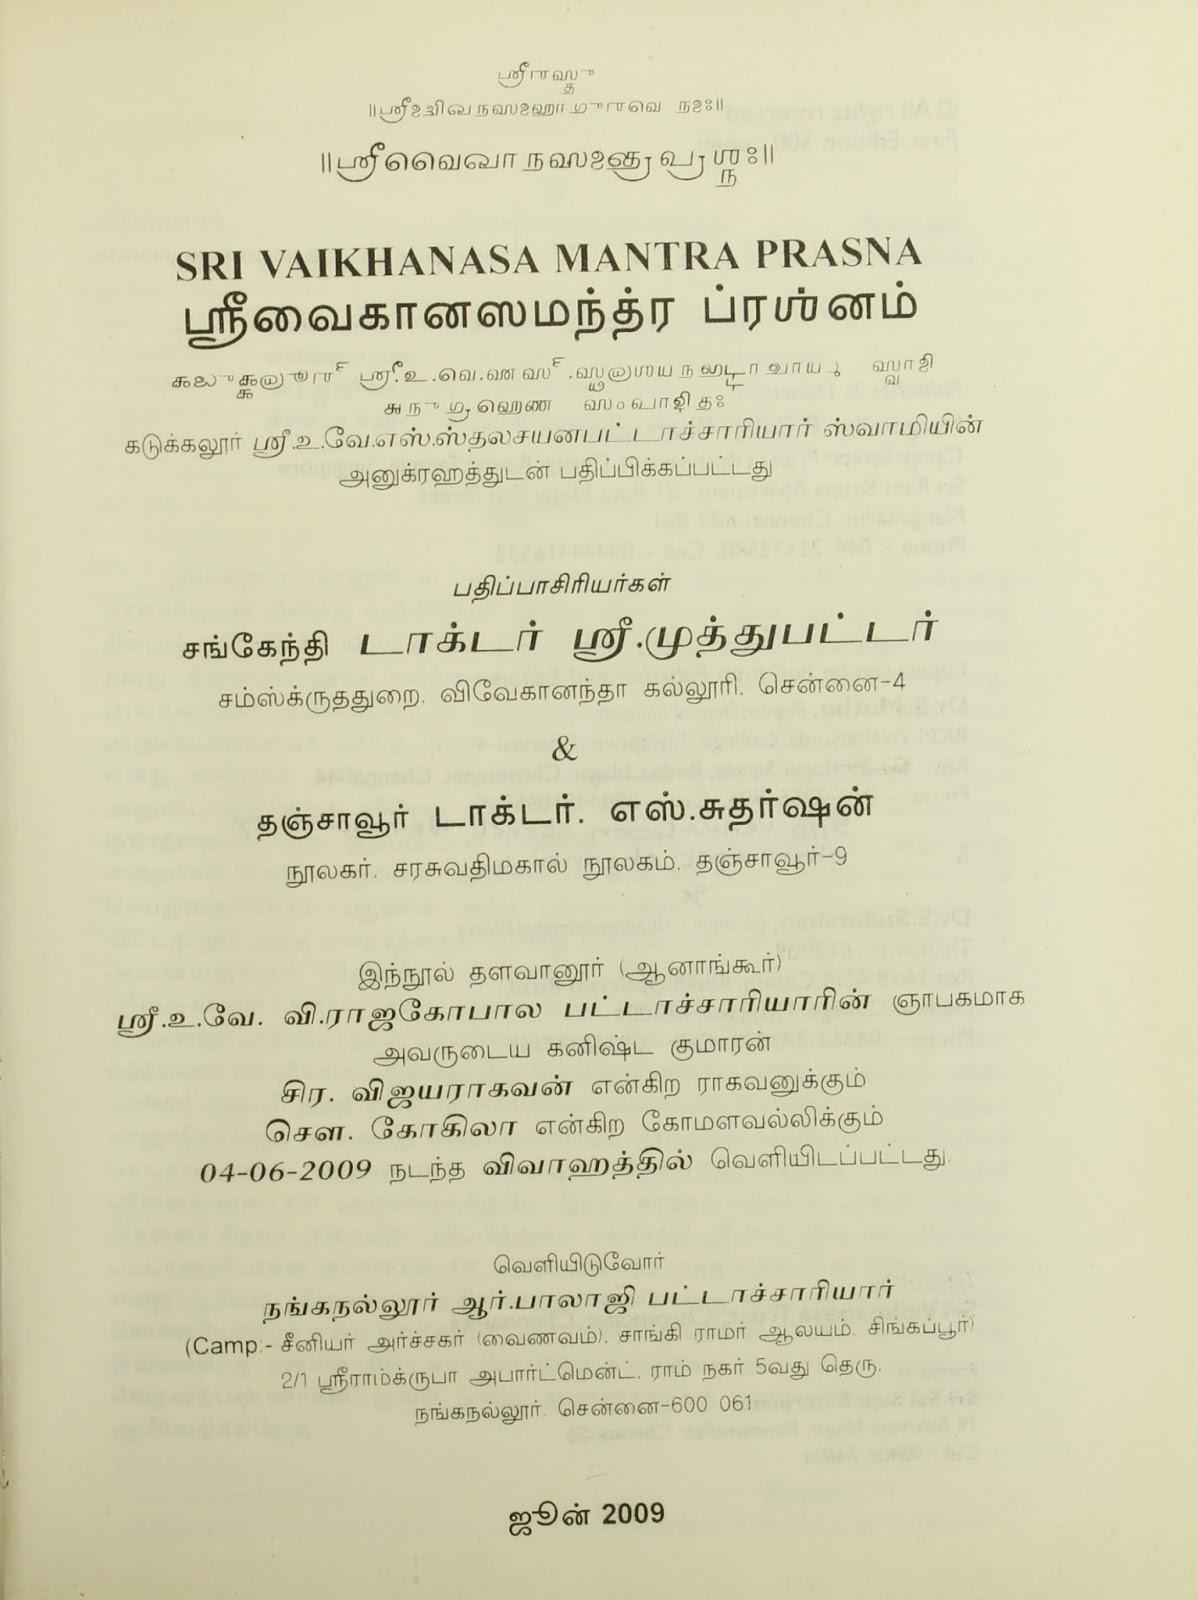 VAIKHANASA MANTRA PRASNA IN GRANTHA AKSHARA PDF FORM